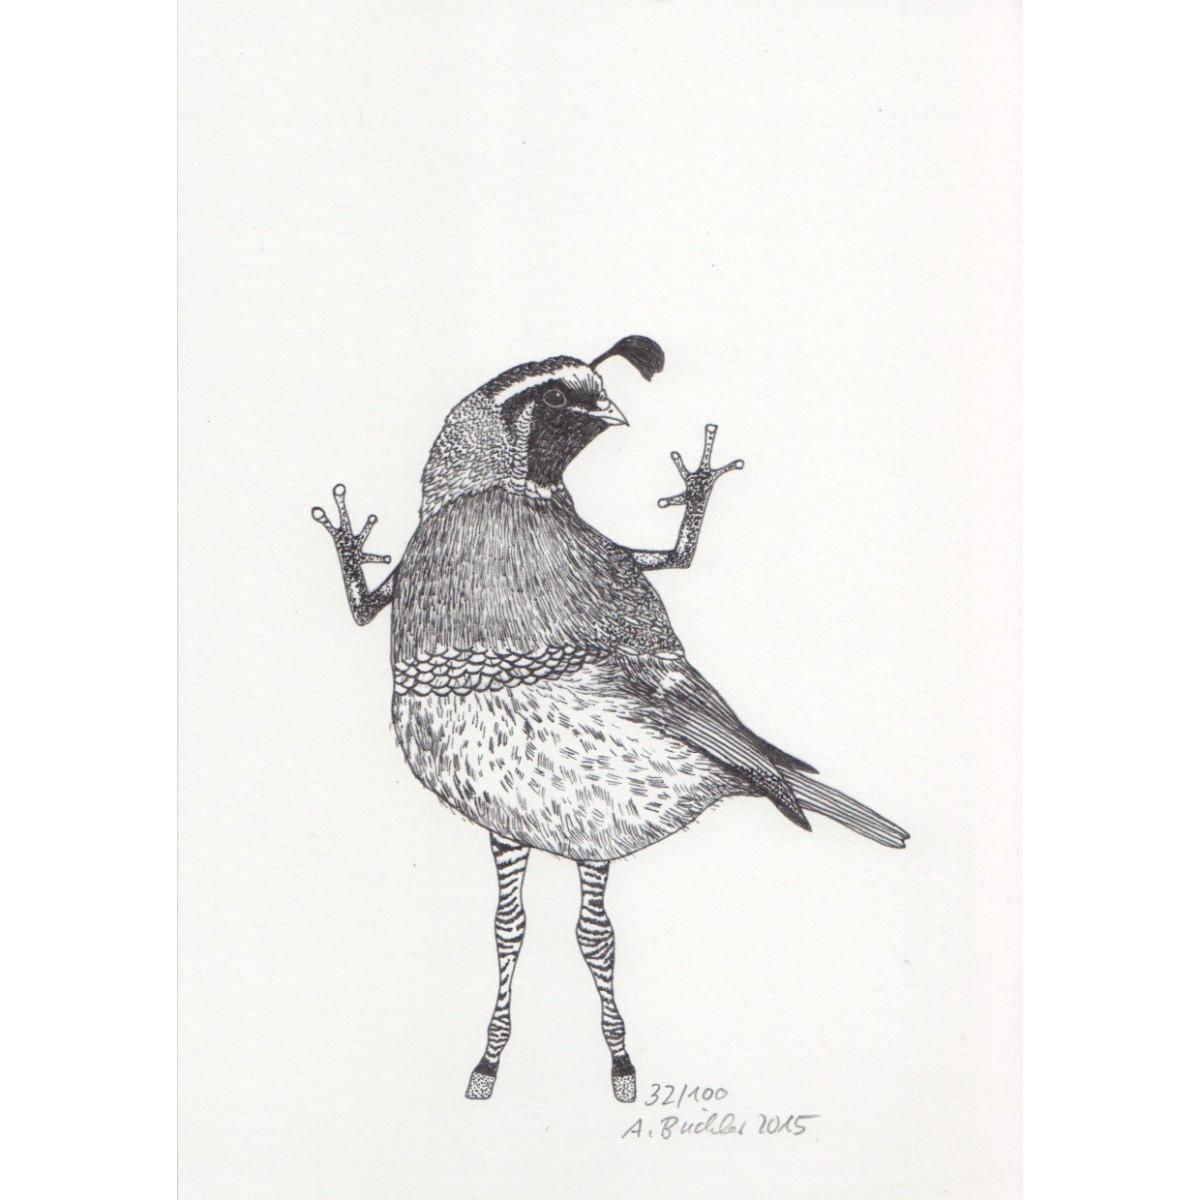 Anka Büchler, Das Liebesspiel der Wolpertinger, limitierte Digitaldruckserie, A5, Motiv 15